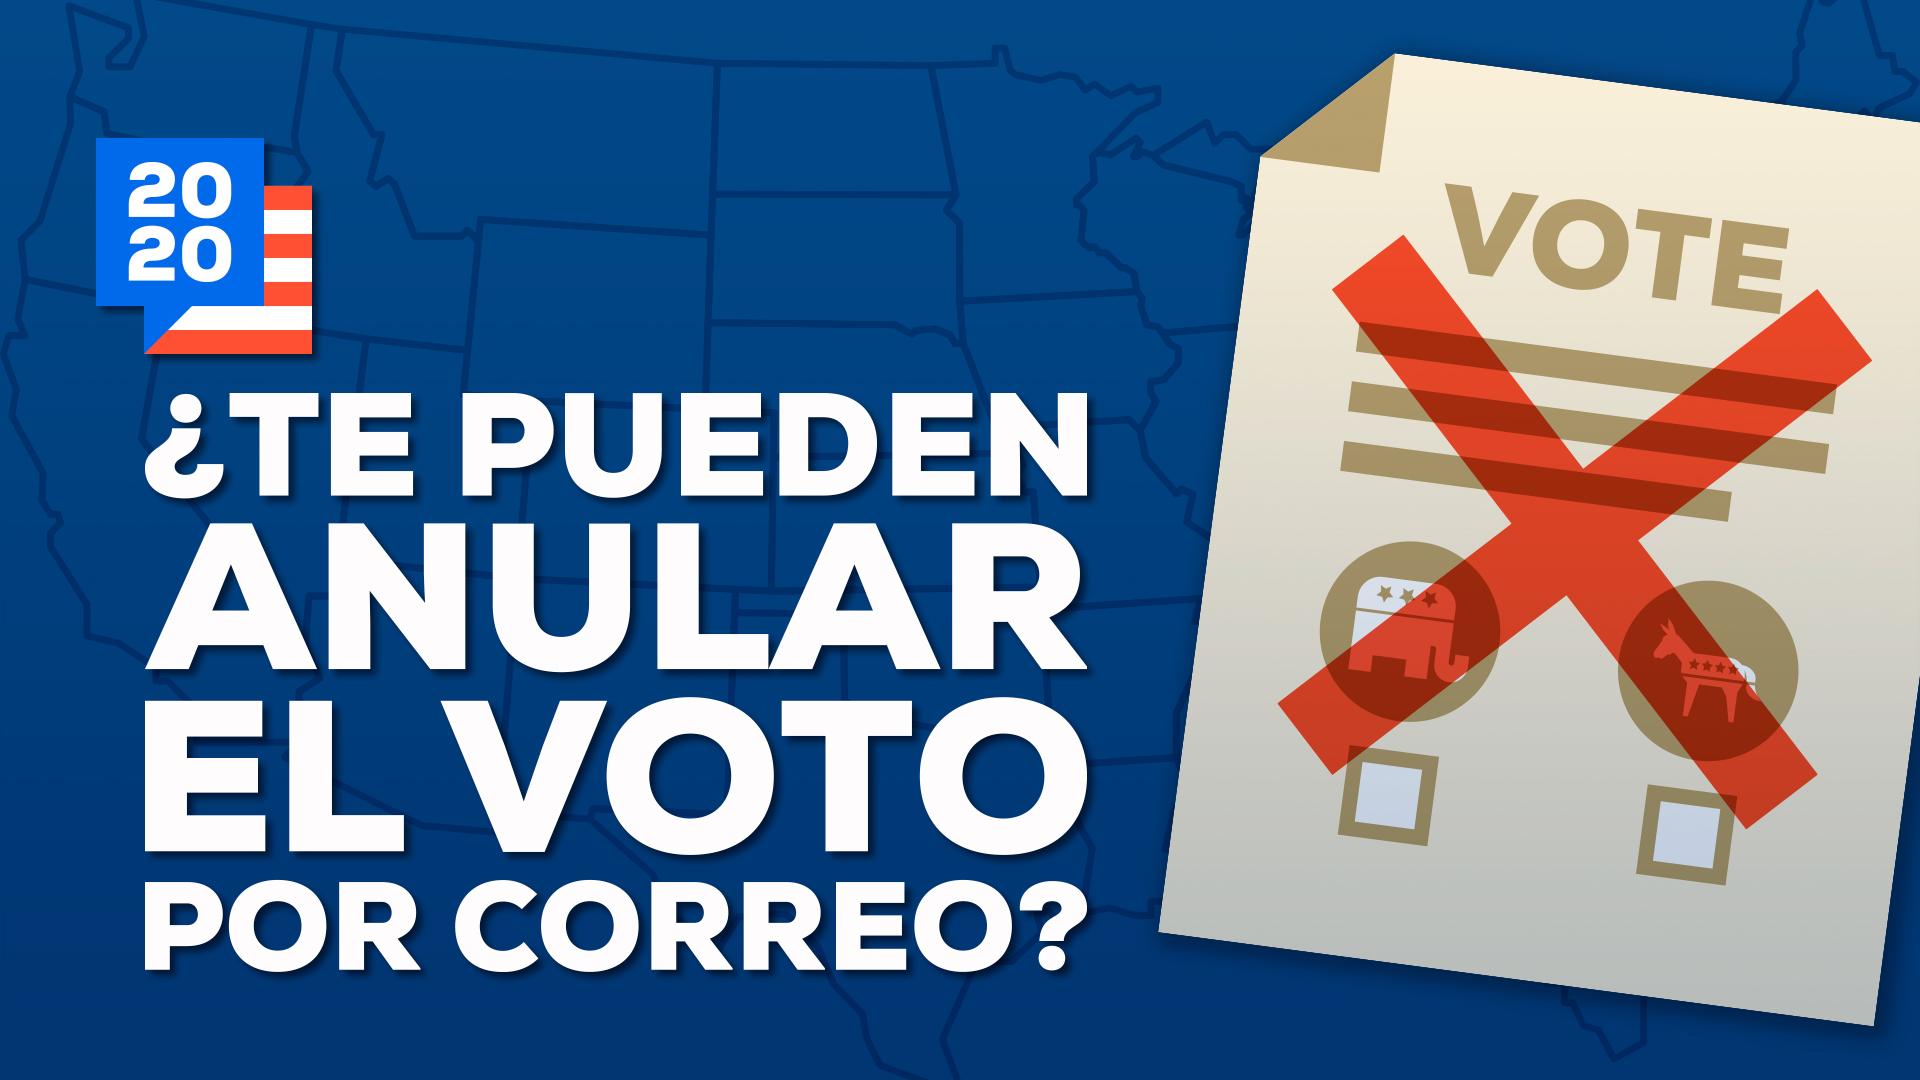 Cómo Evitar Anular Voto Elecciones EUA